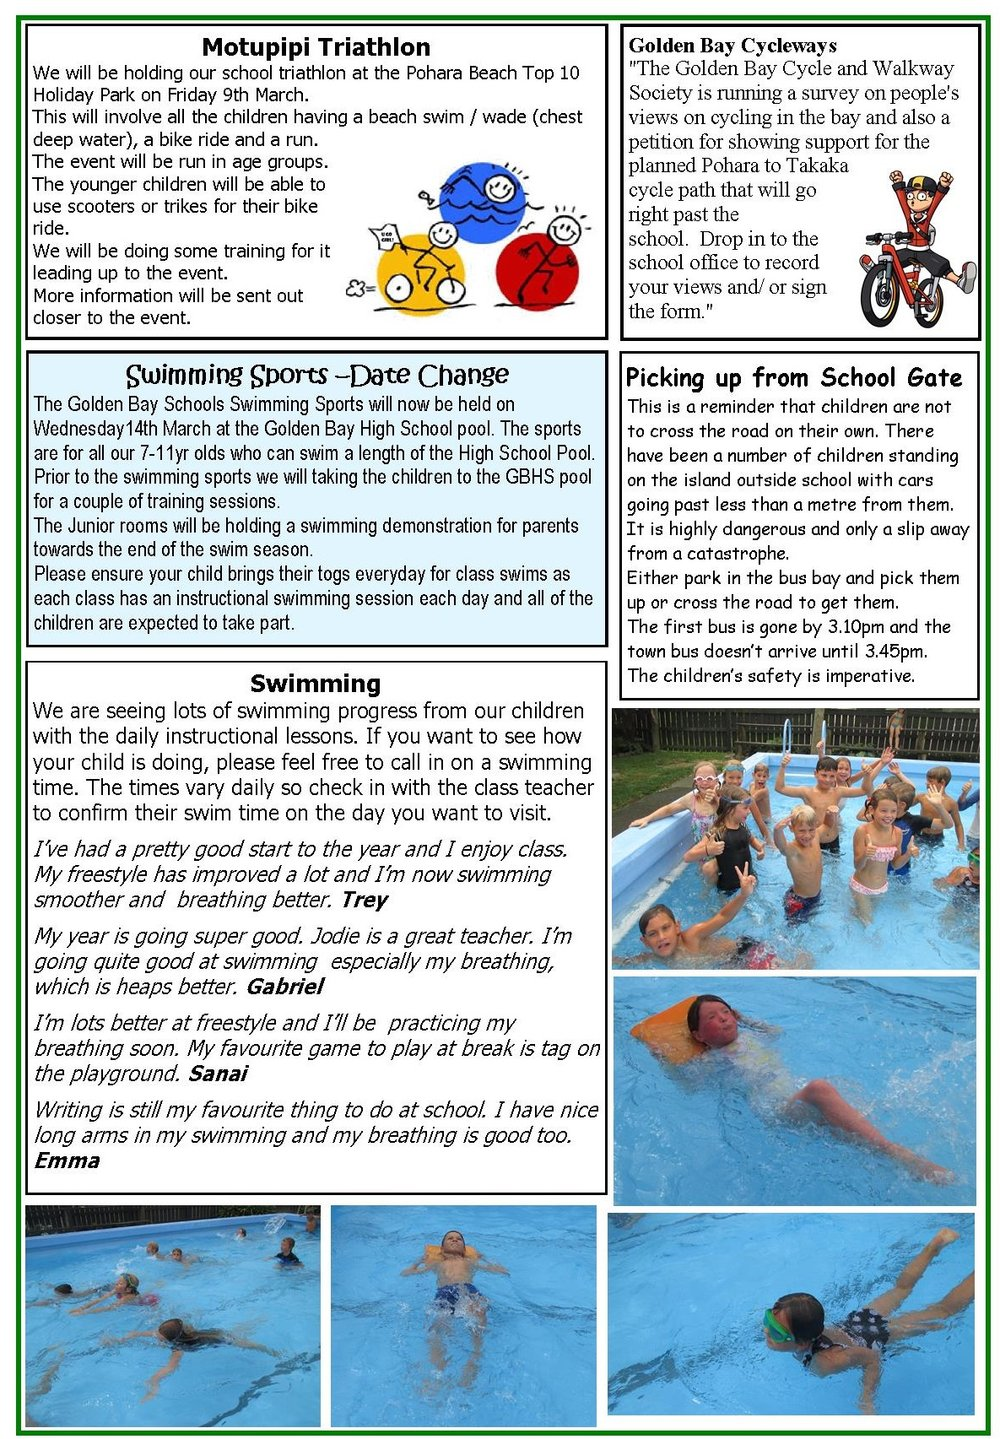 15th Feb Page 2.jpg